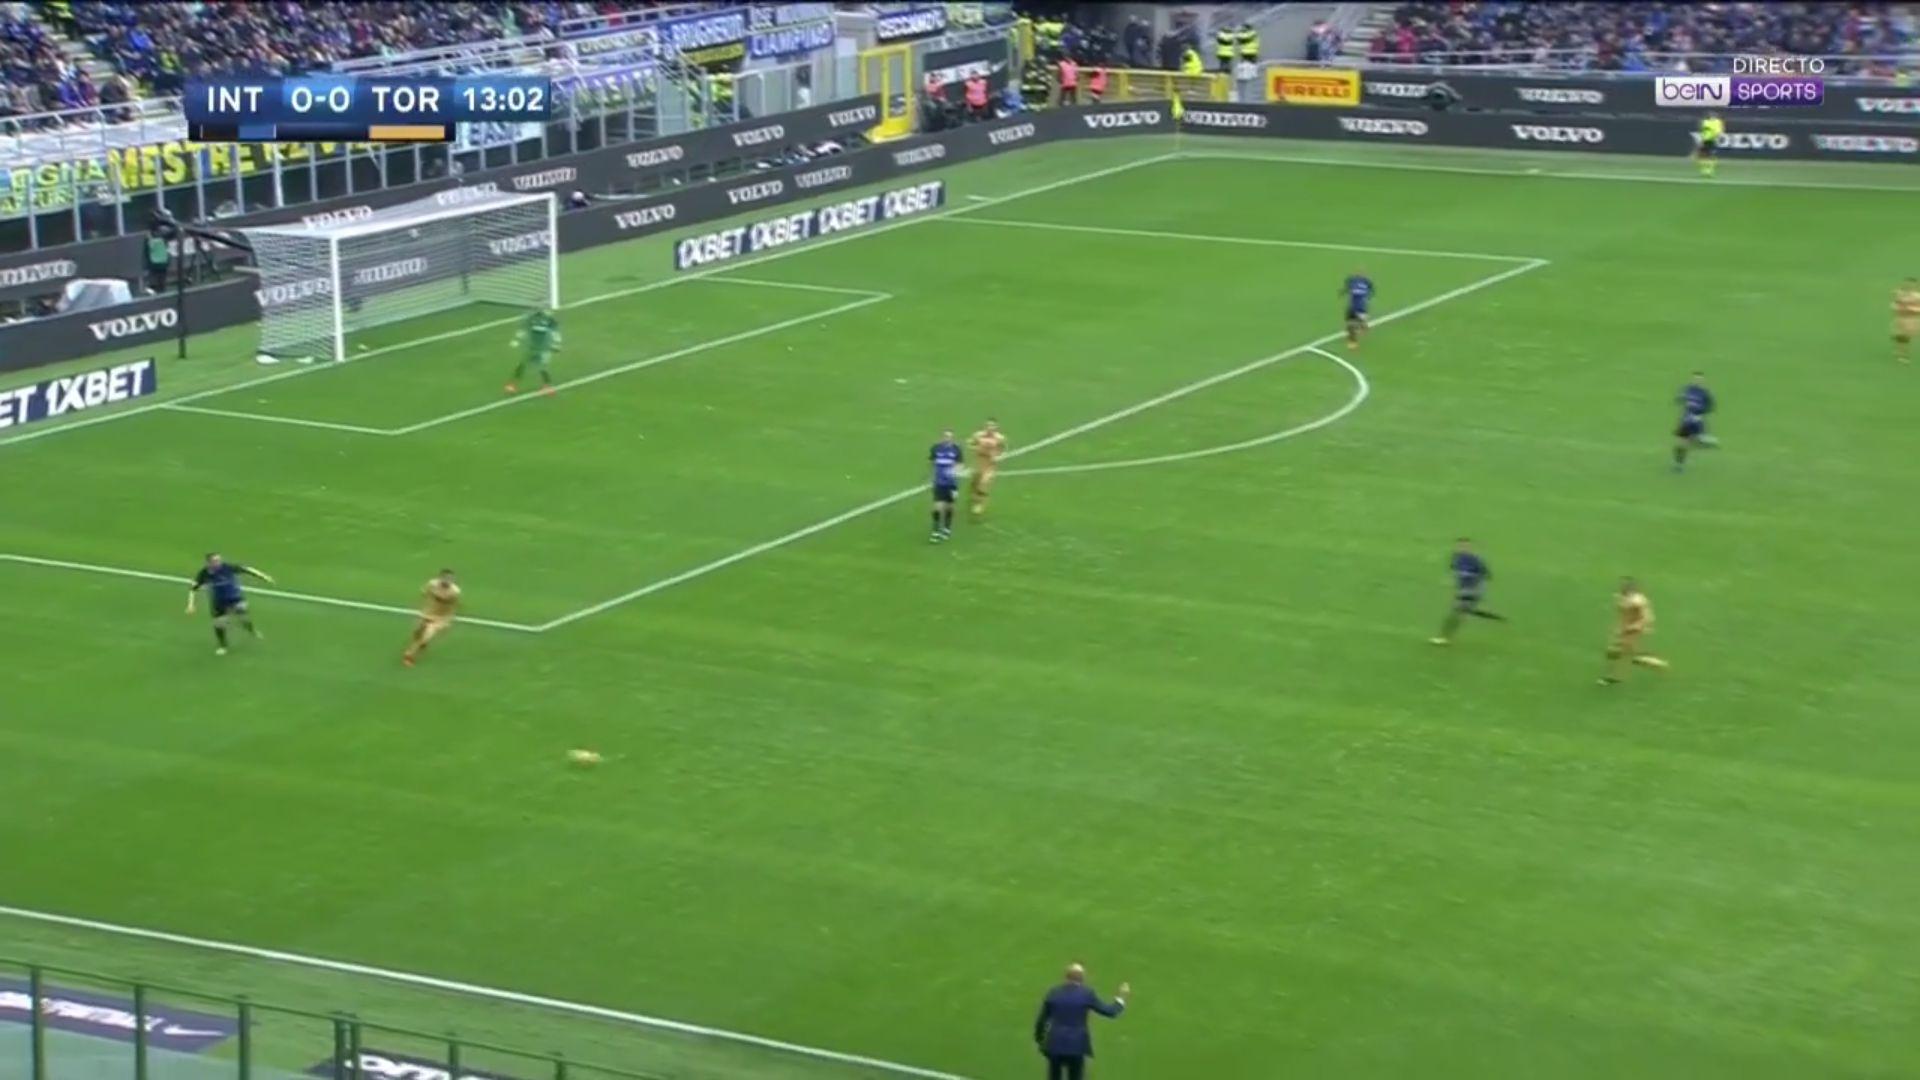 05-11-2017 - Inter 1-1 Torino